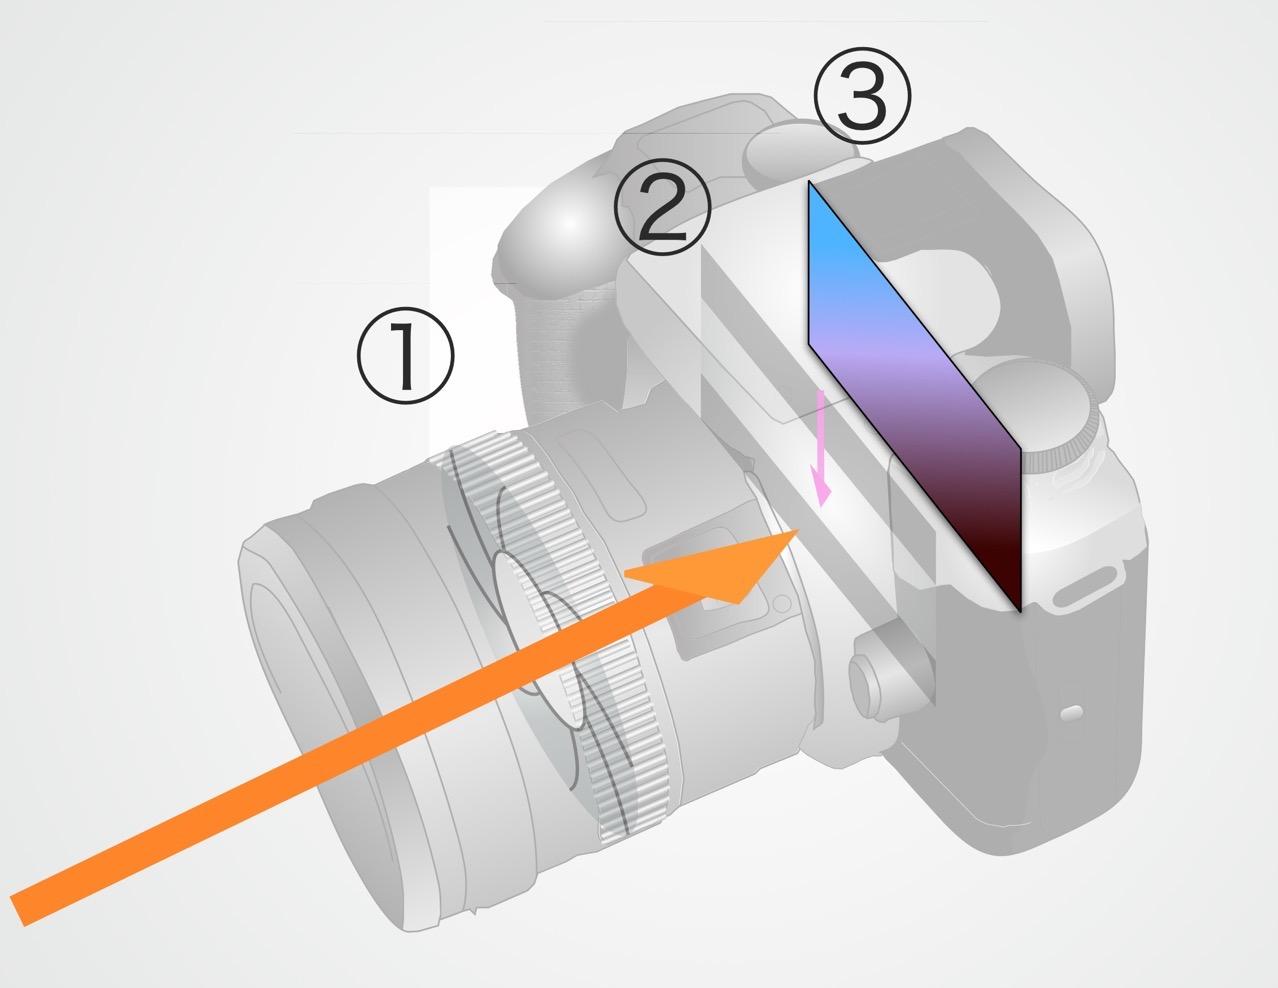 絞り シャッタースピード ISO感度